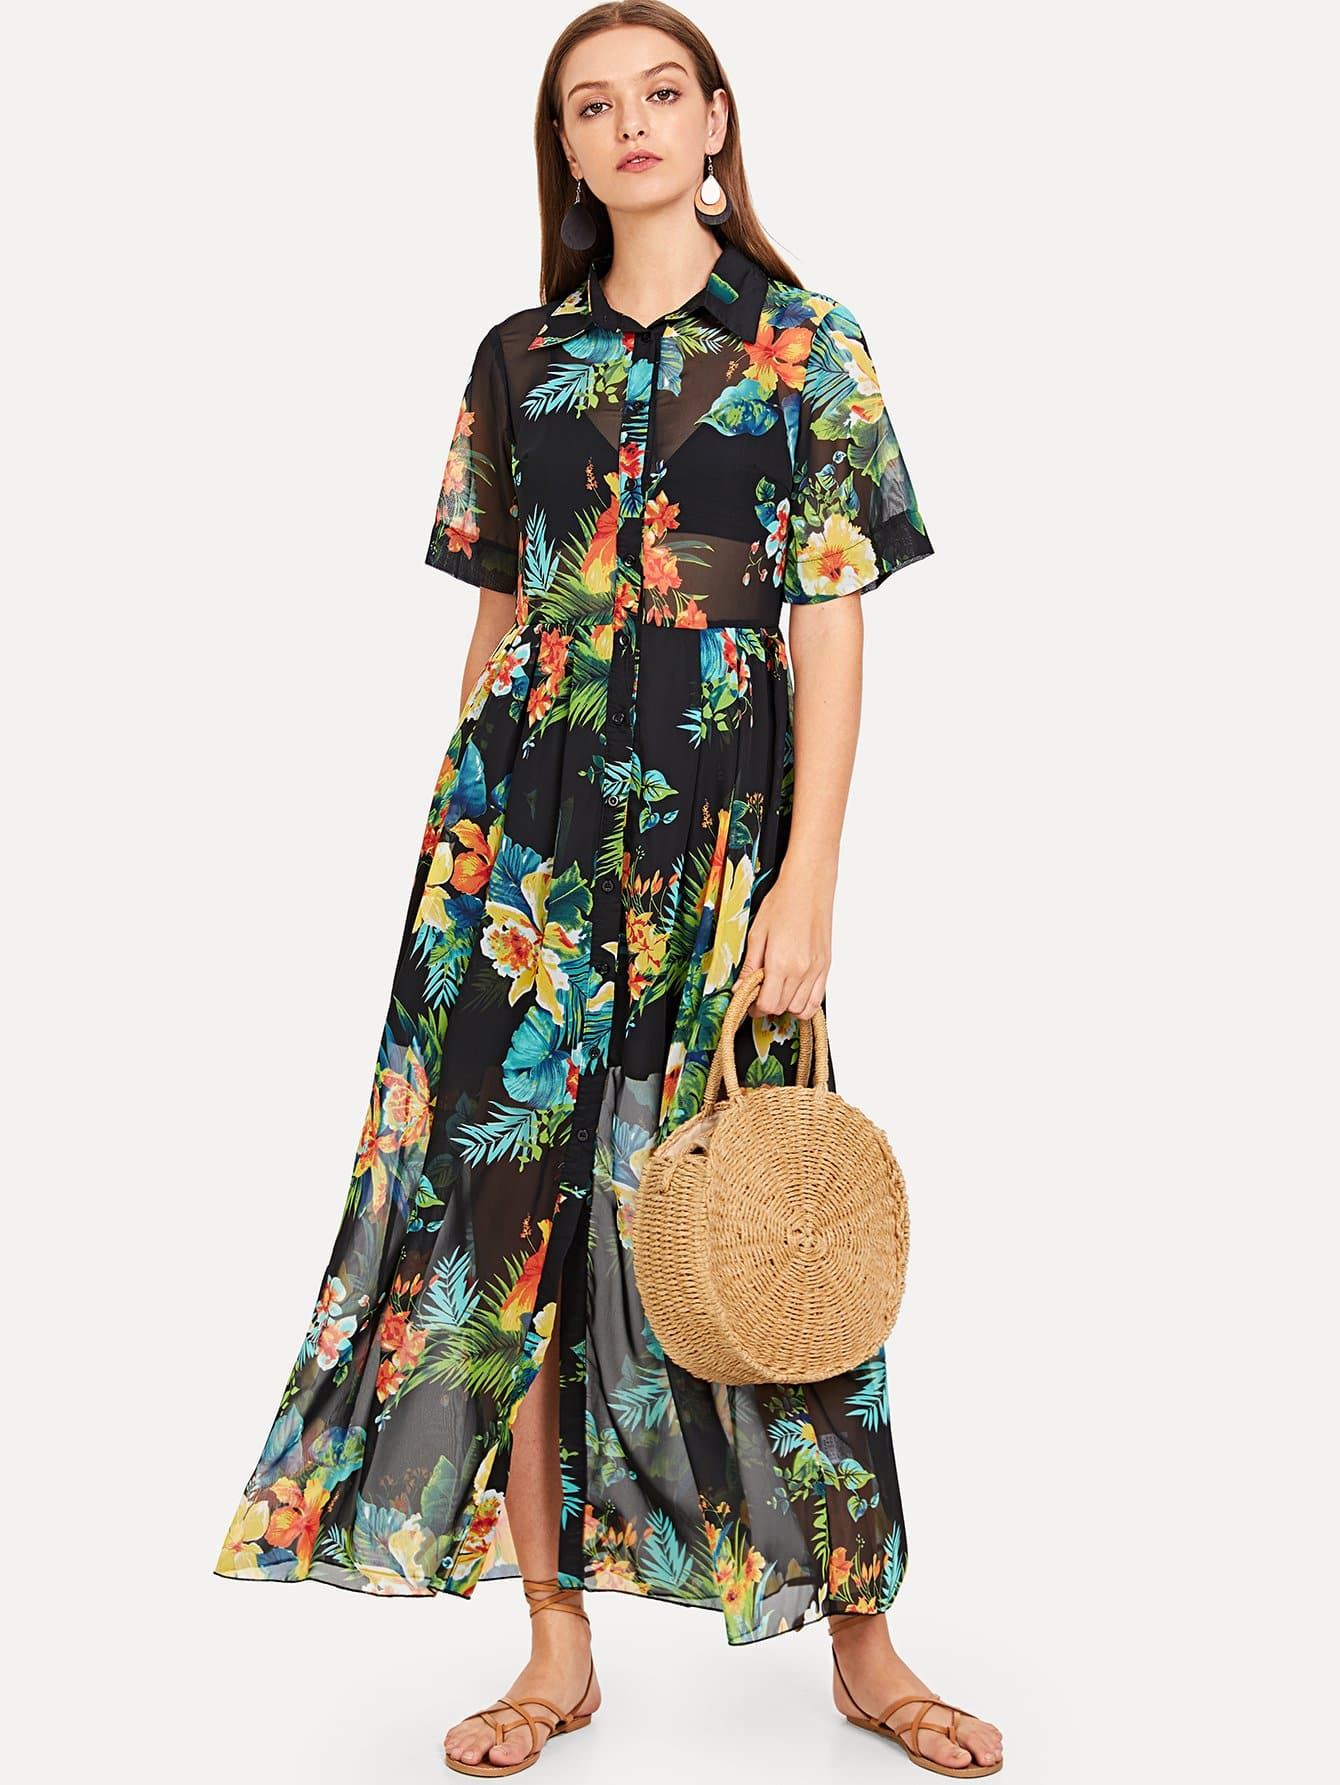 Купить Платье для тенниса Tropical Print Semi Sheer, Luiza, SheIn